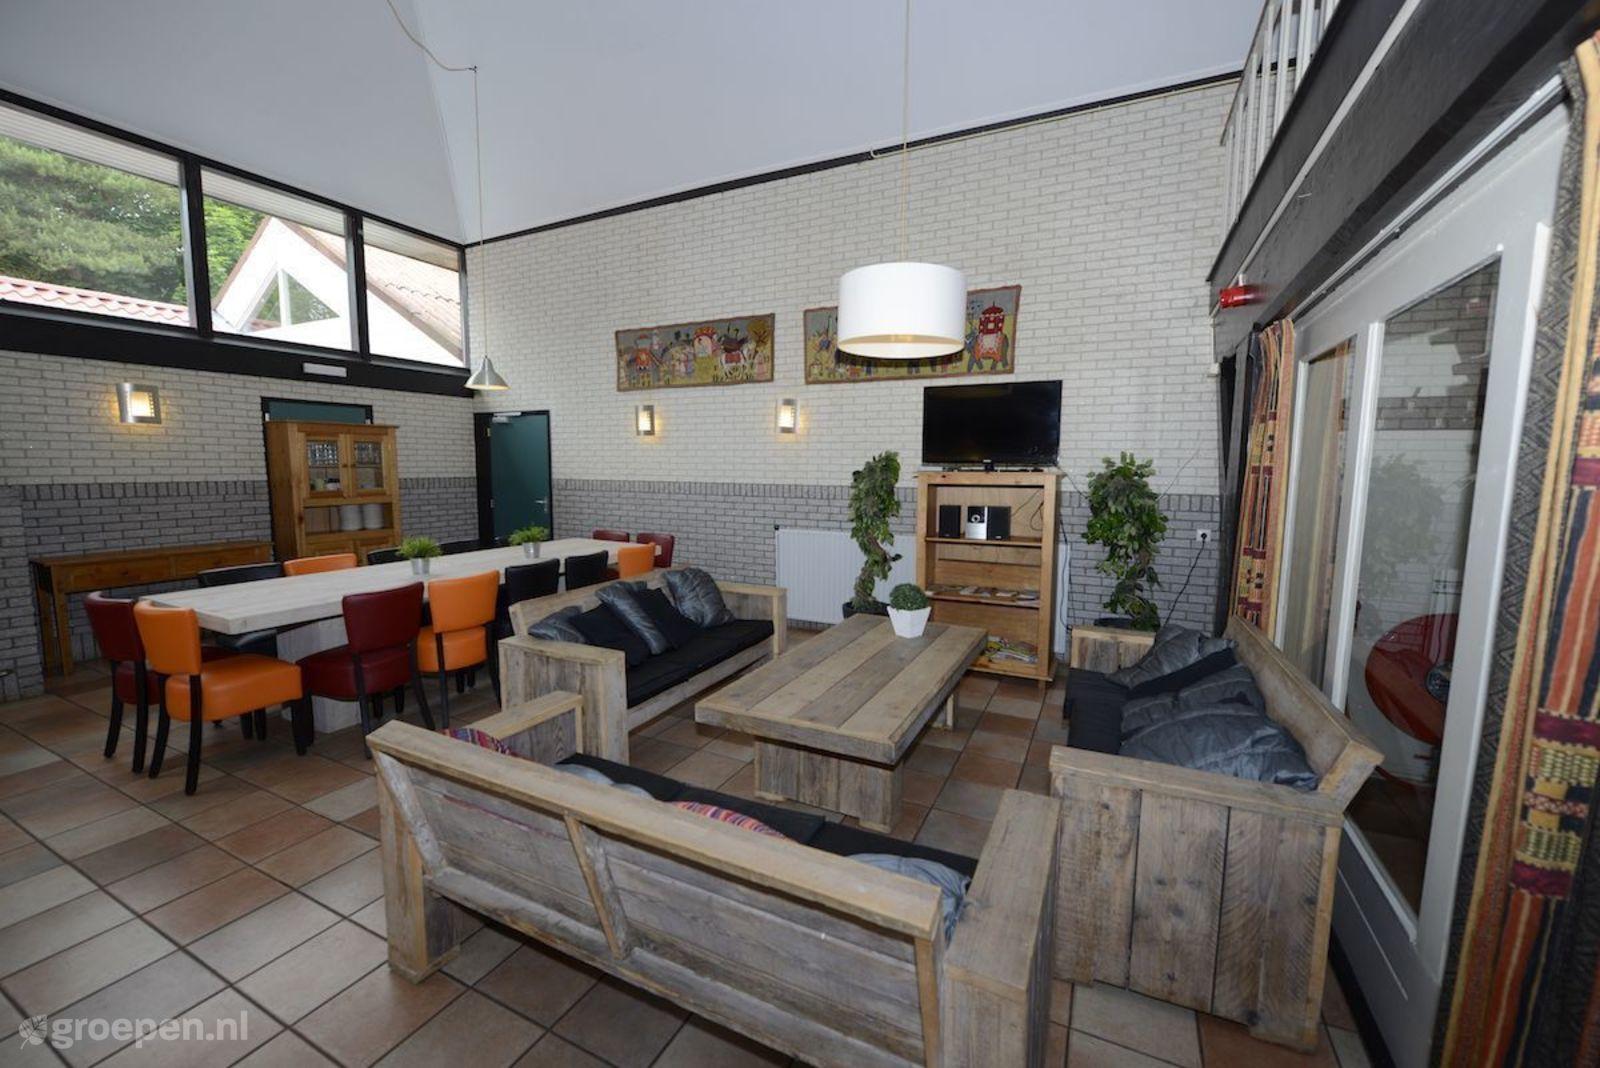 Group accommodation Roderesch